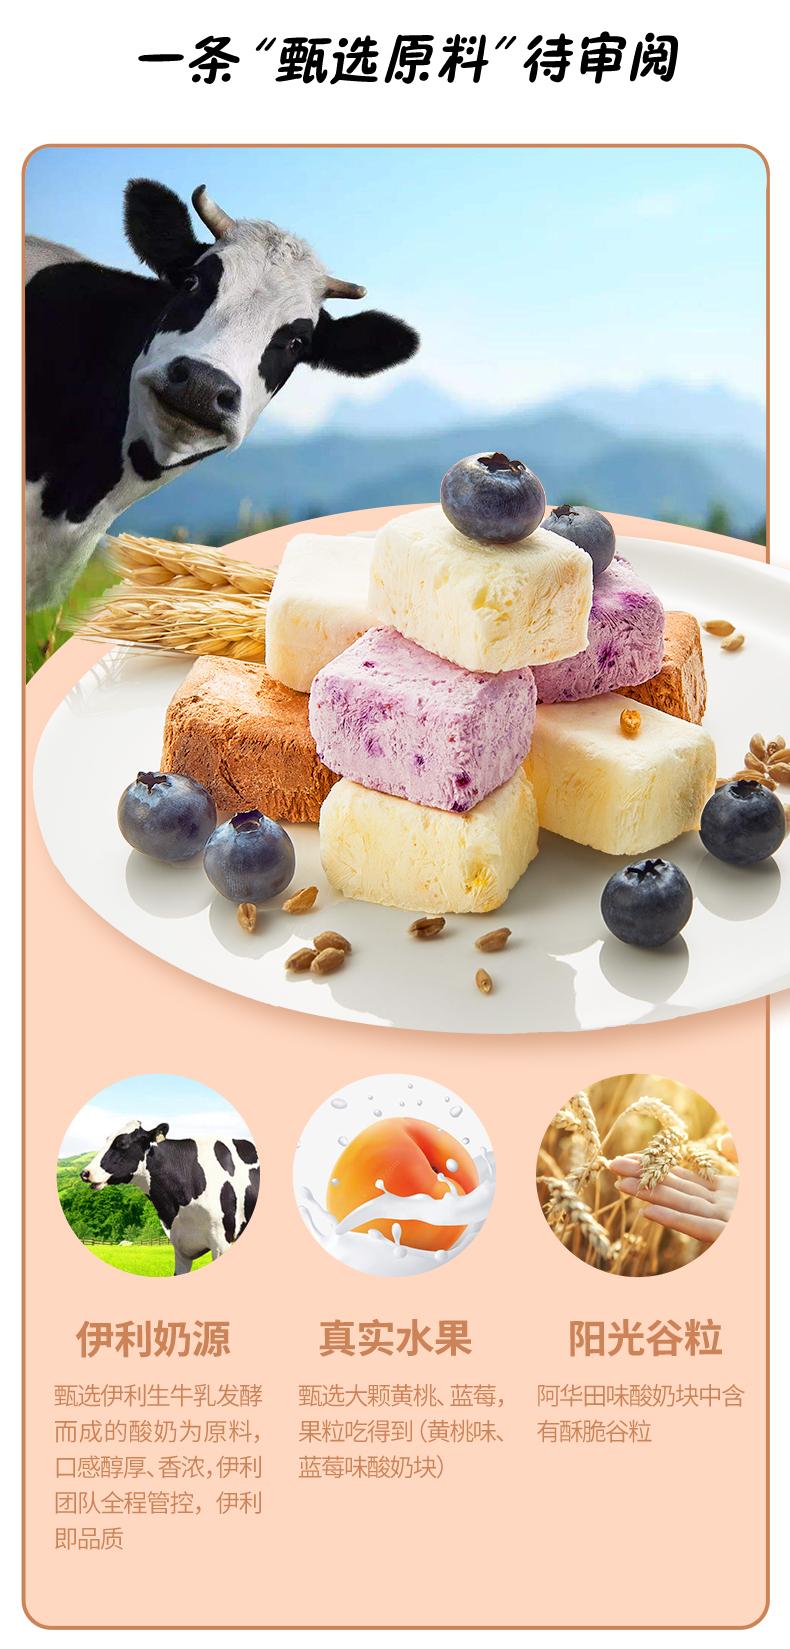 【伊利】益生菌酸奶块21袋